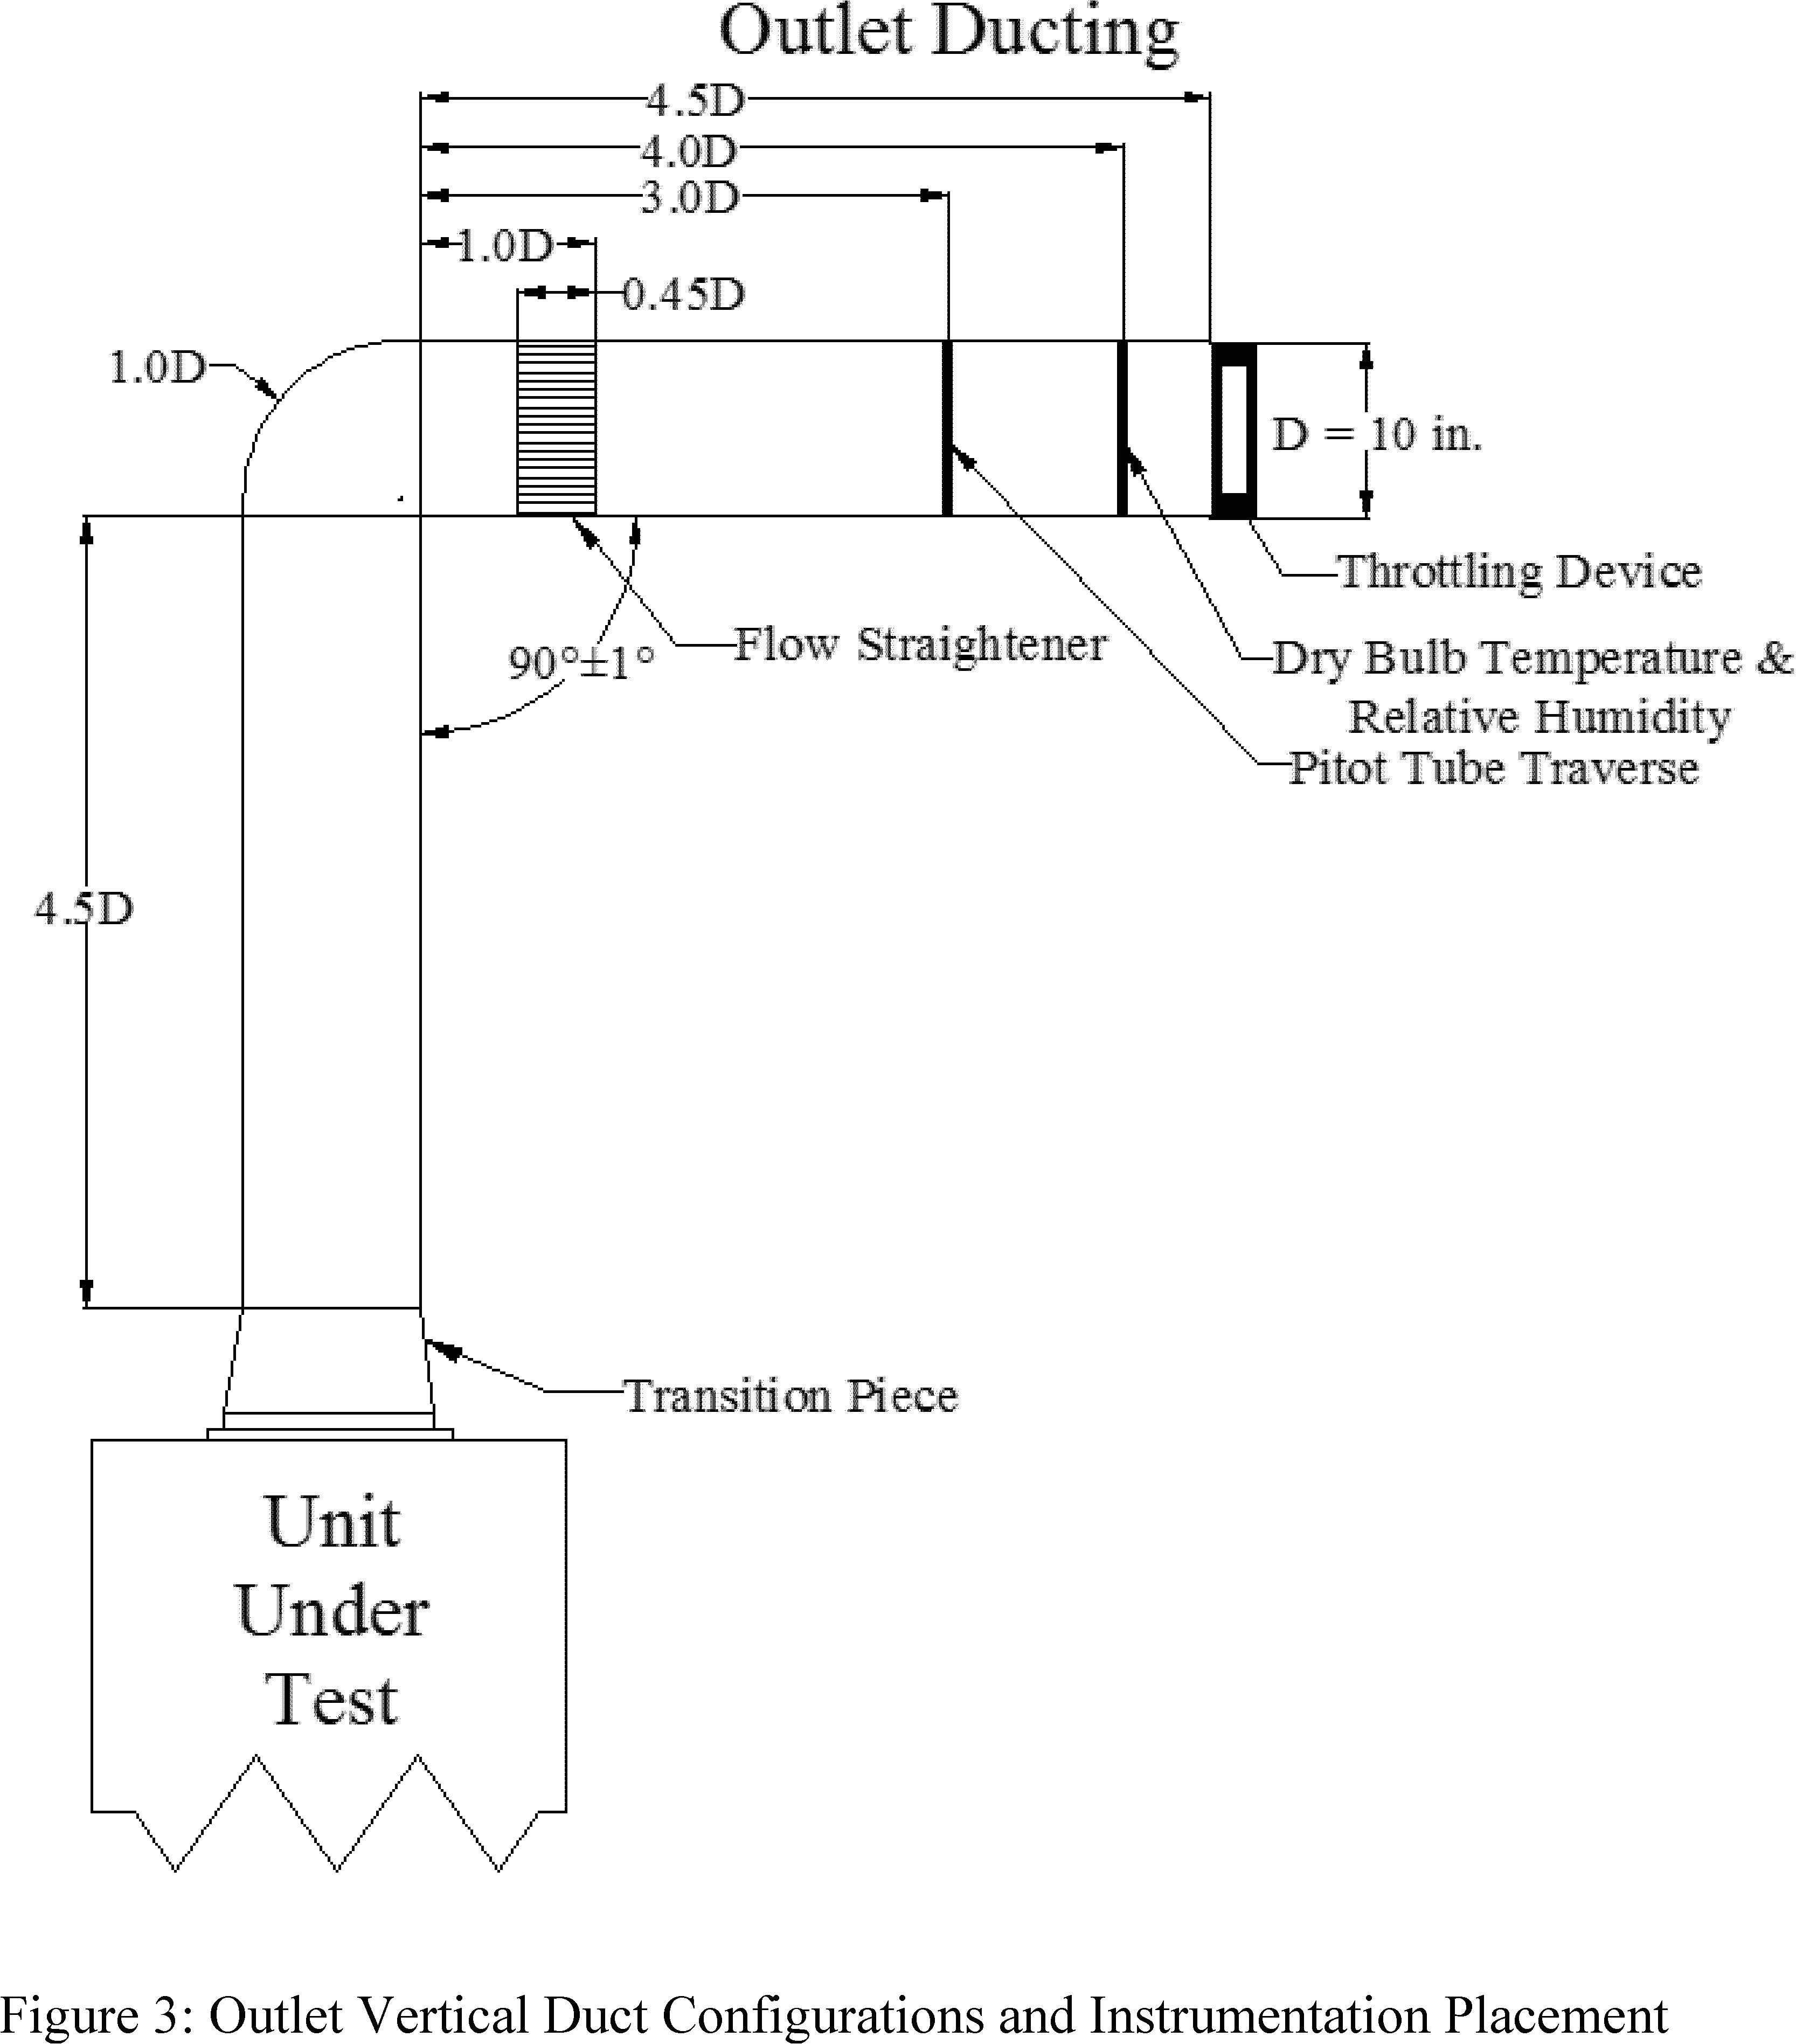 ethernet wiring diagram fresh home lan wiring diagram new home network wiring diagram valid wiring photos of ethernet wiring diagram jpg